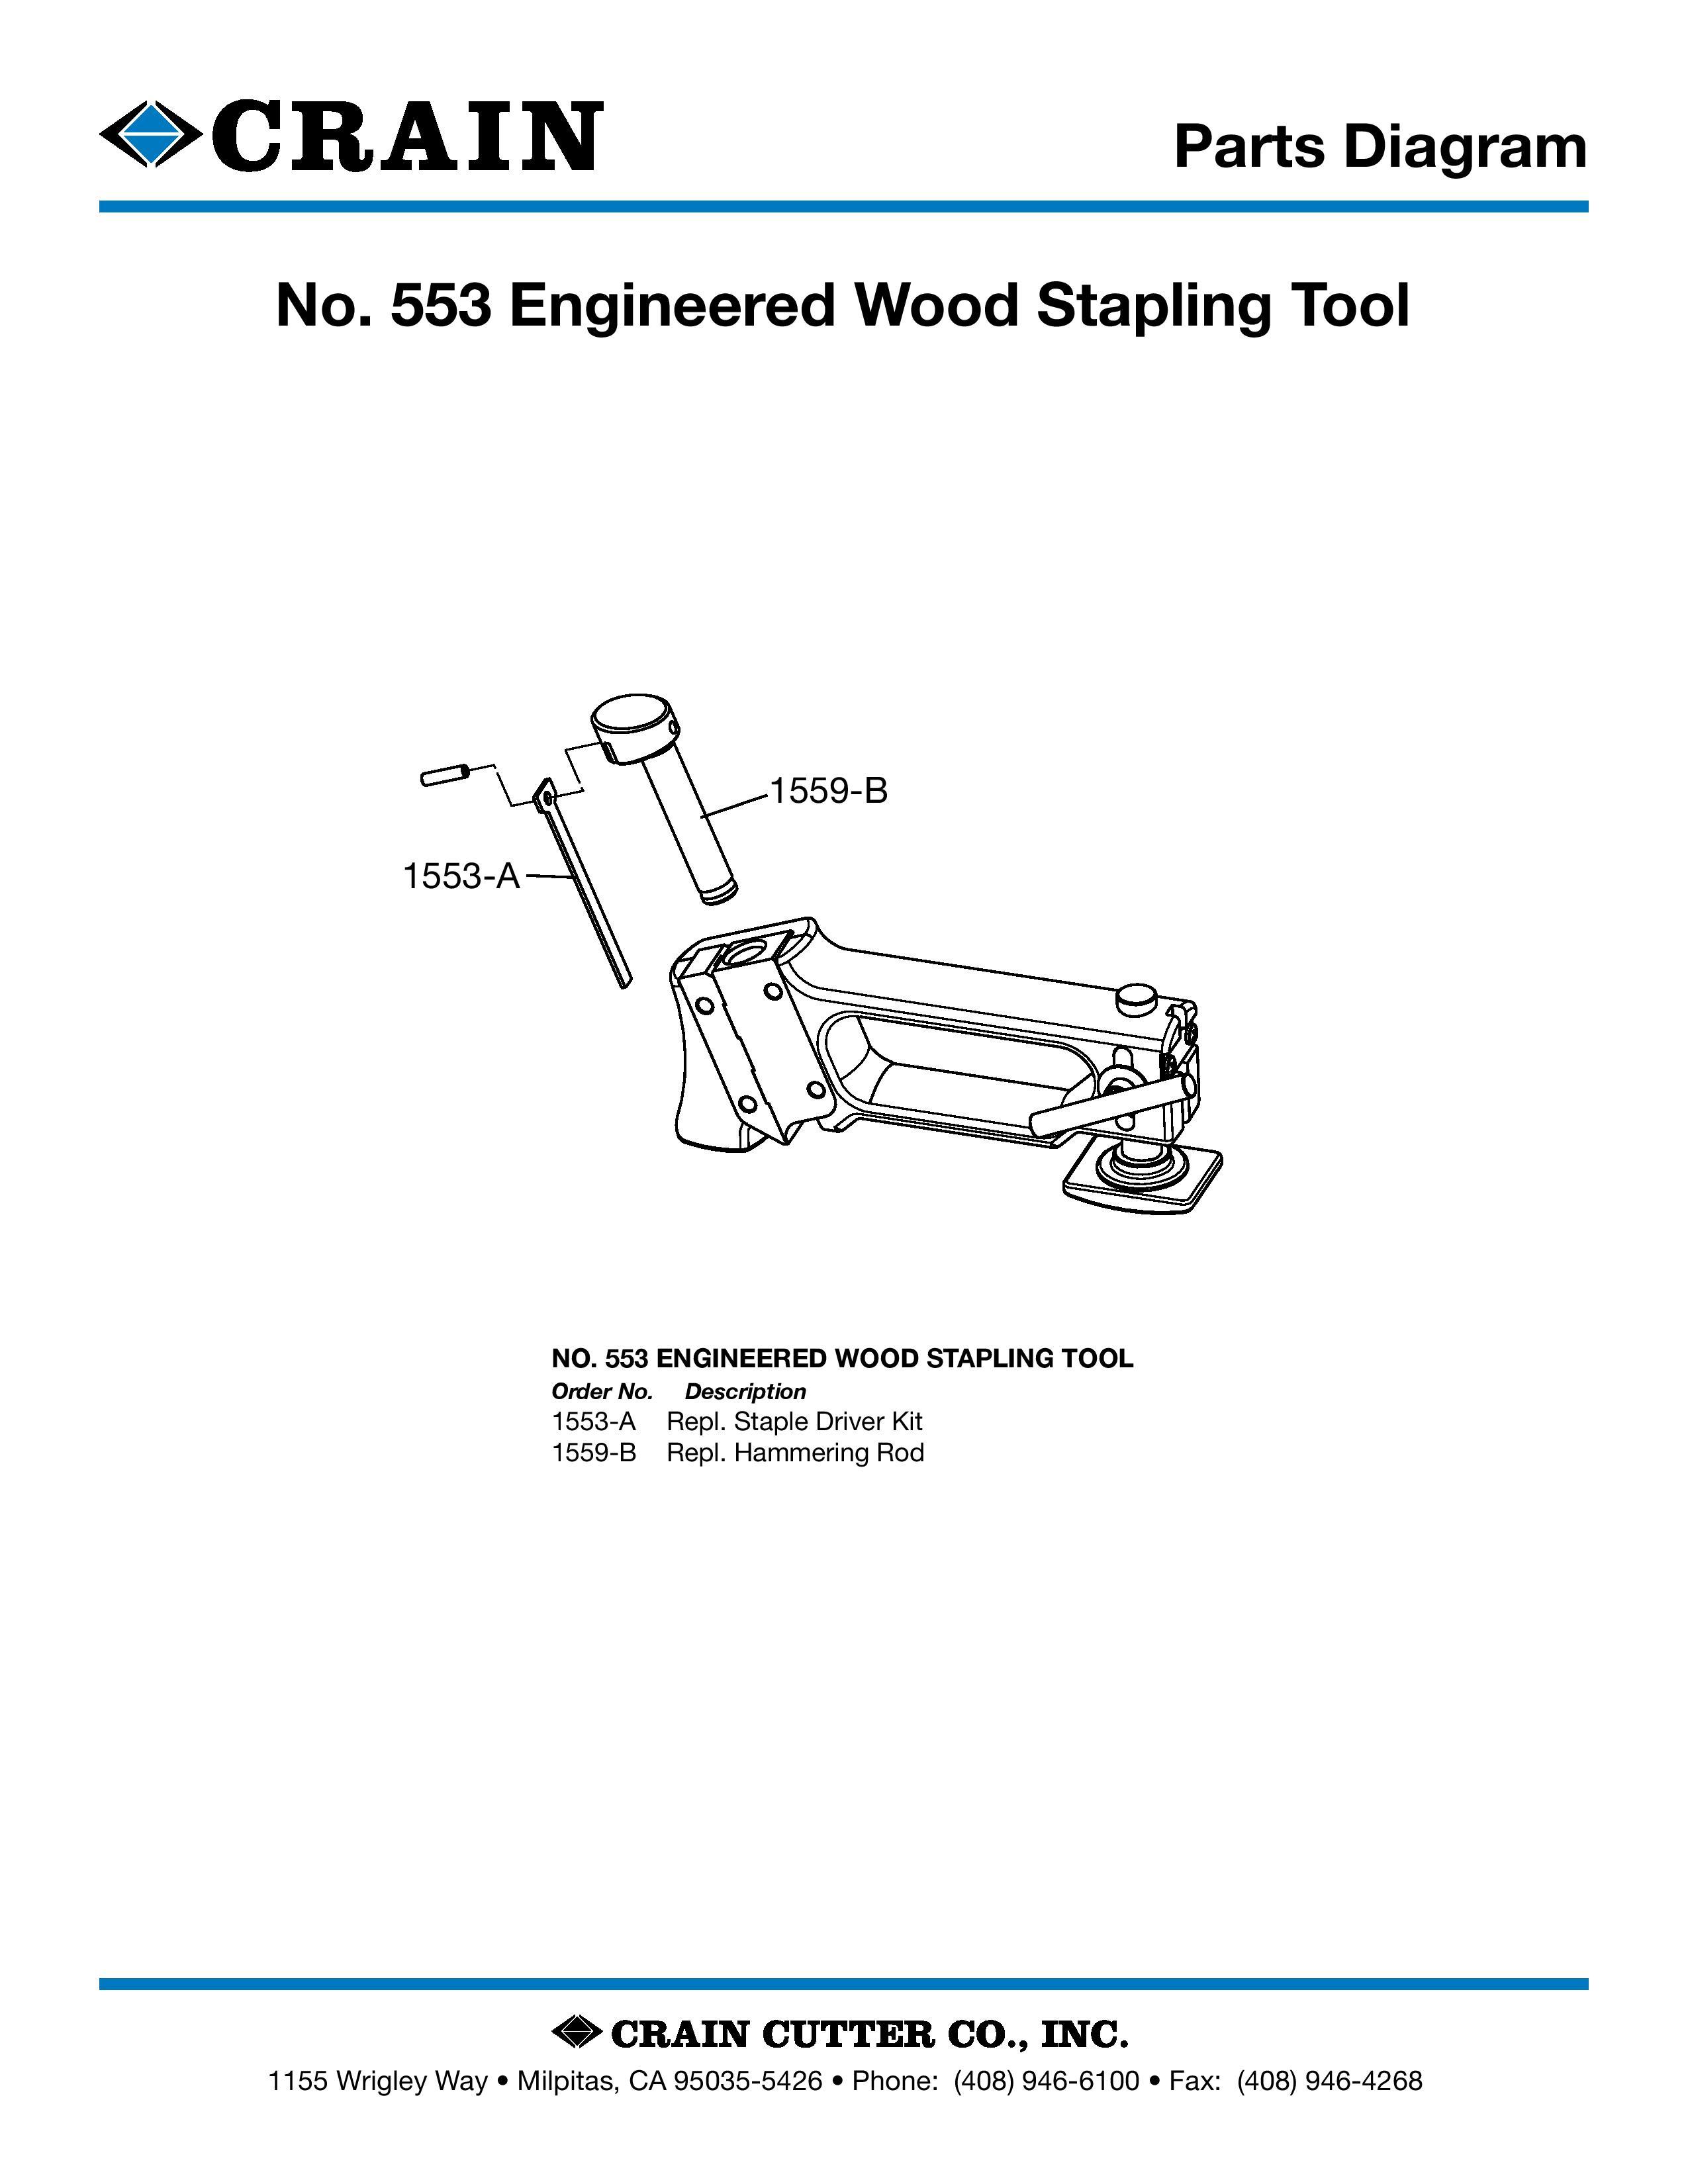 553 Engineered Wood Stapling Tool